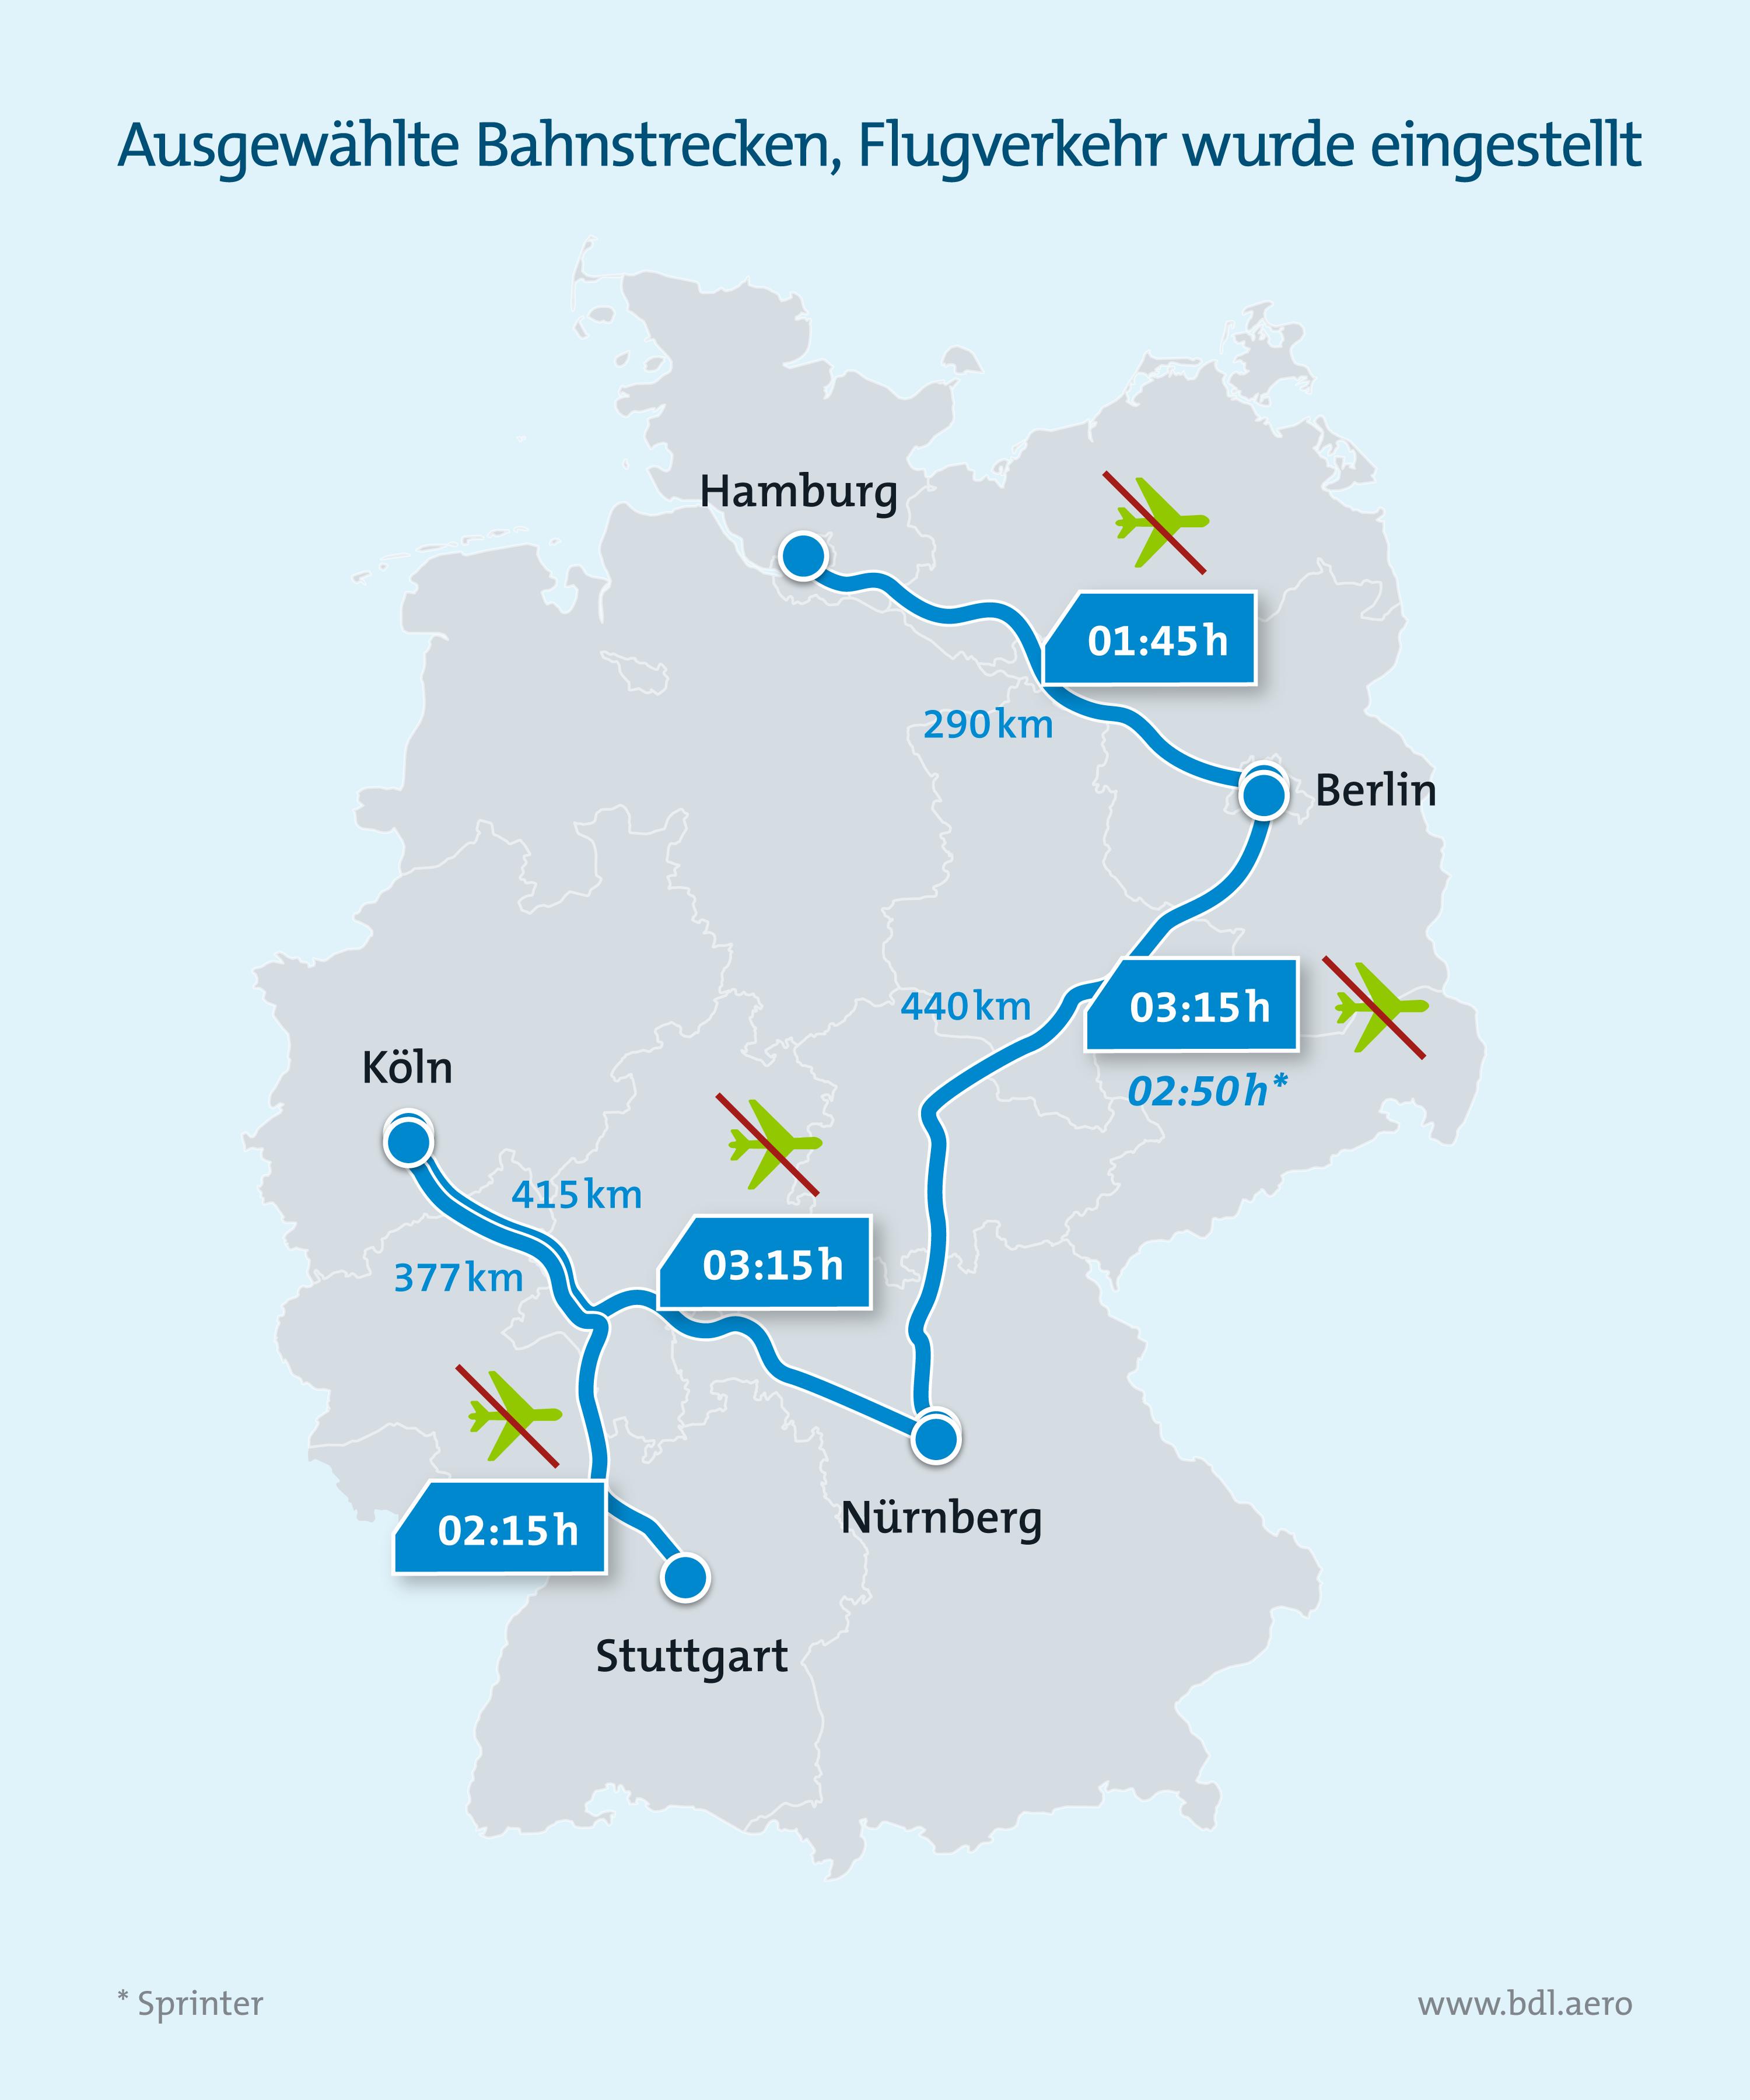 Klimaschutzreport: Bahnstrecken, auf denen Flugverkehr eingestellt wurde